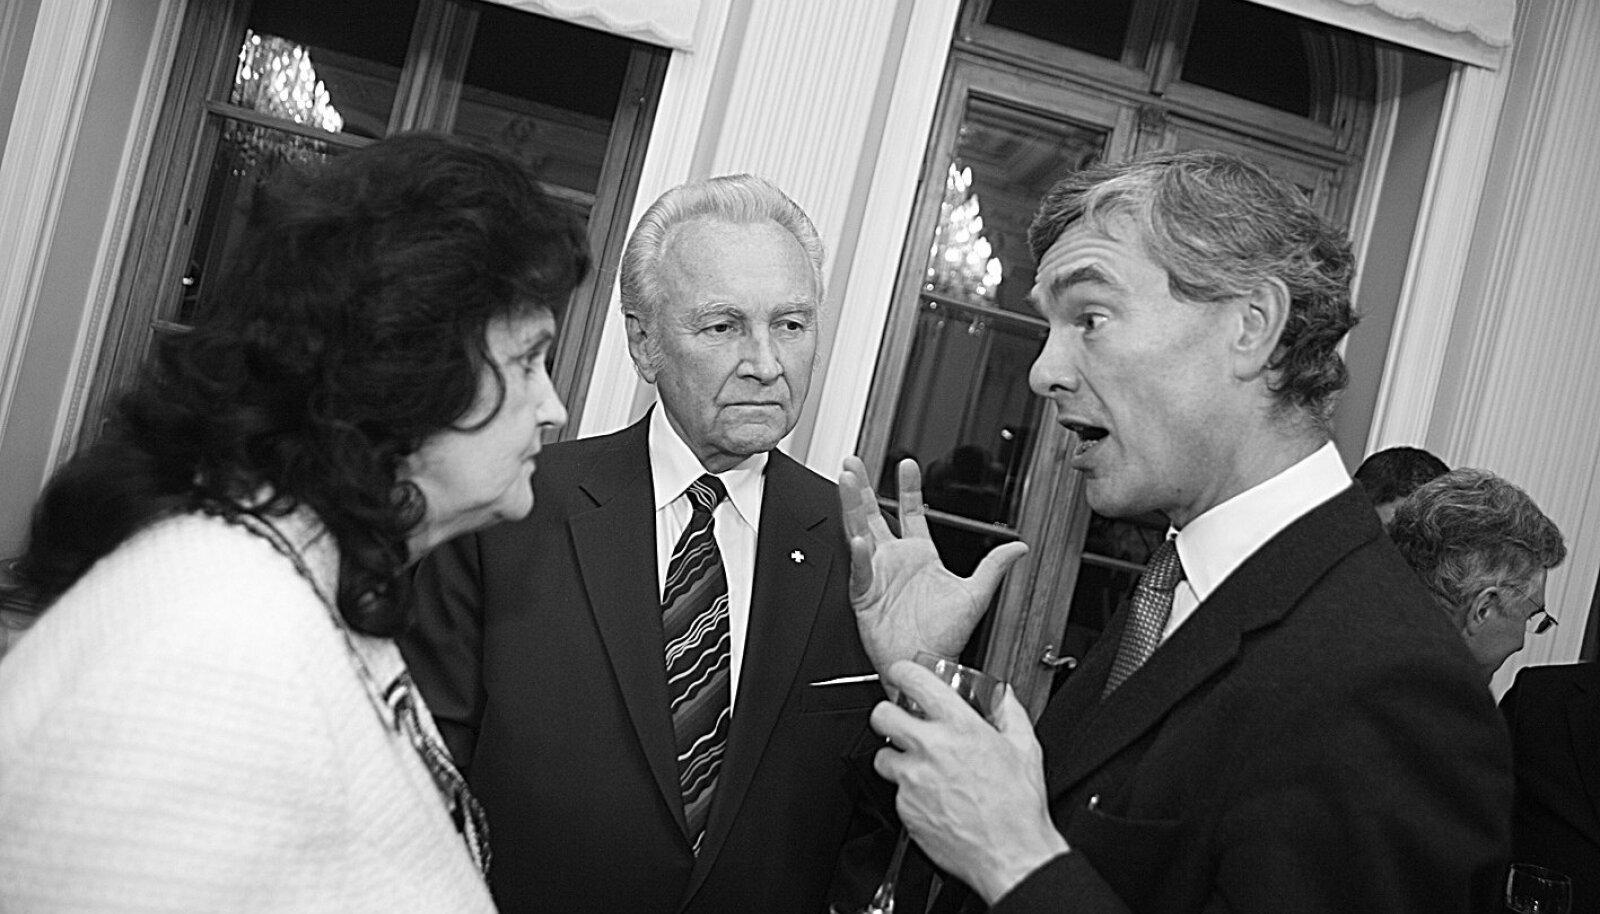 Kuigi Arnold Rüütel on tuntud selle poolest, et ta räägib inimesed kasvõi oimetuks, võib juhtuda, et mõni avatud ühiskonnast pärit hea suhtleja, näiteks Briti suursaadik Nigel Haywood, räägib veel rohkem.